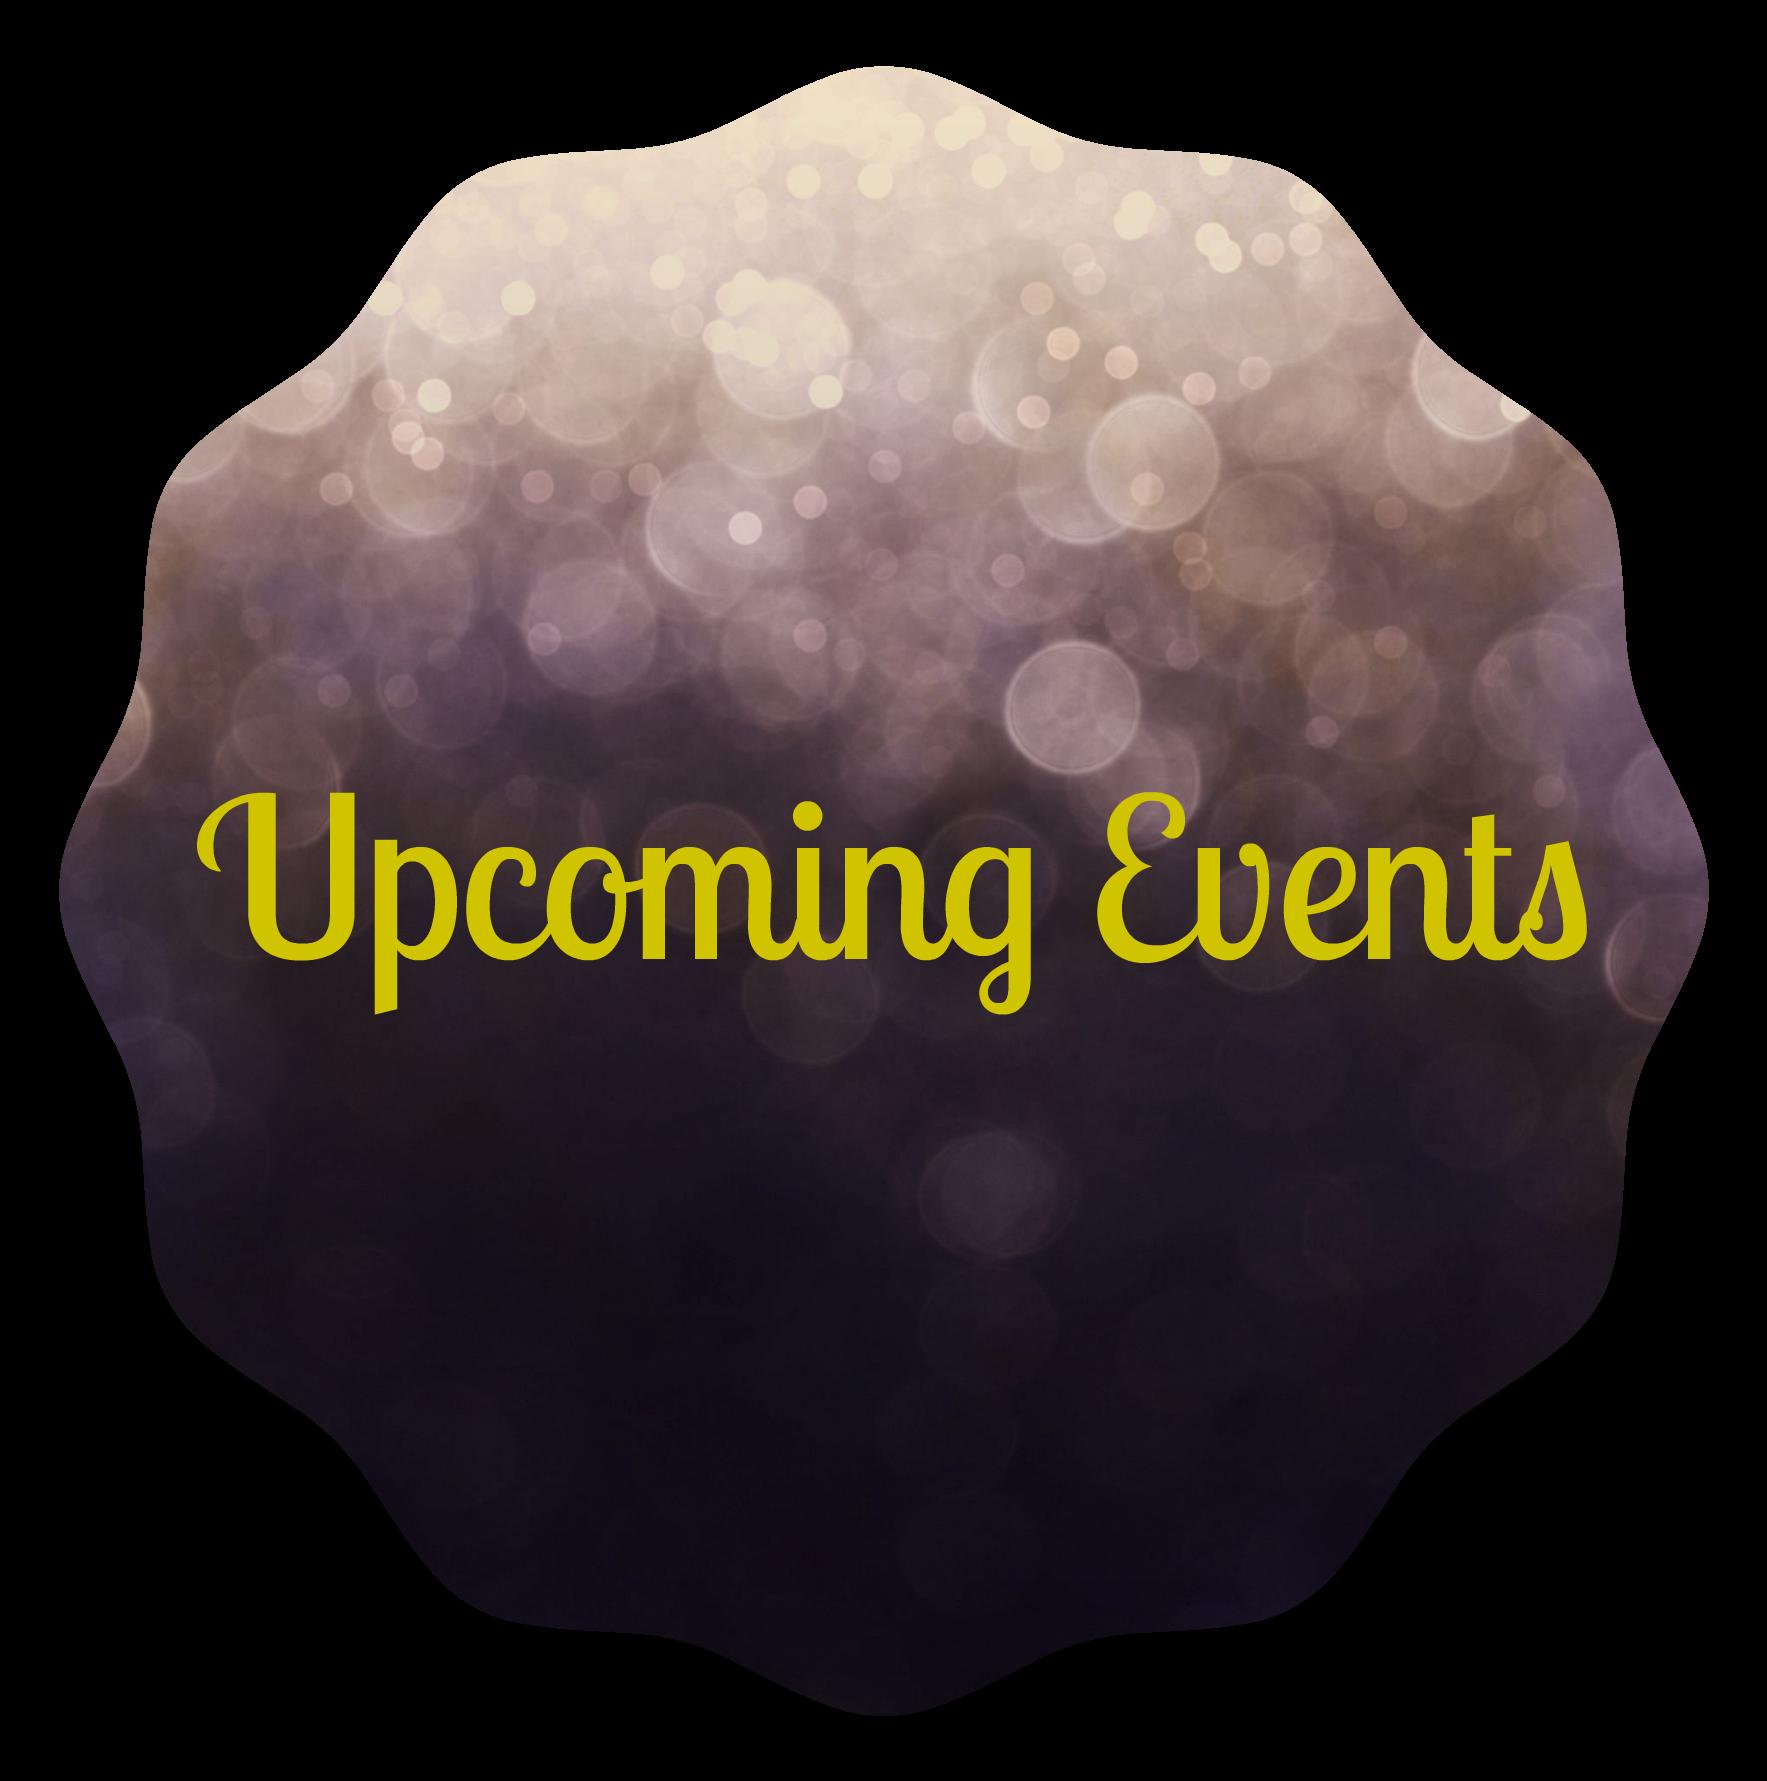 upcoming events circle.png